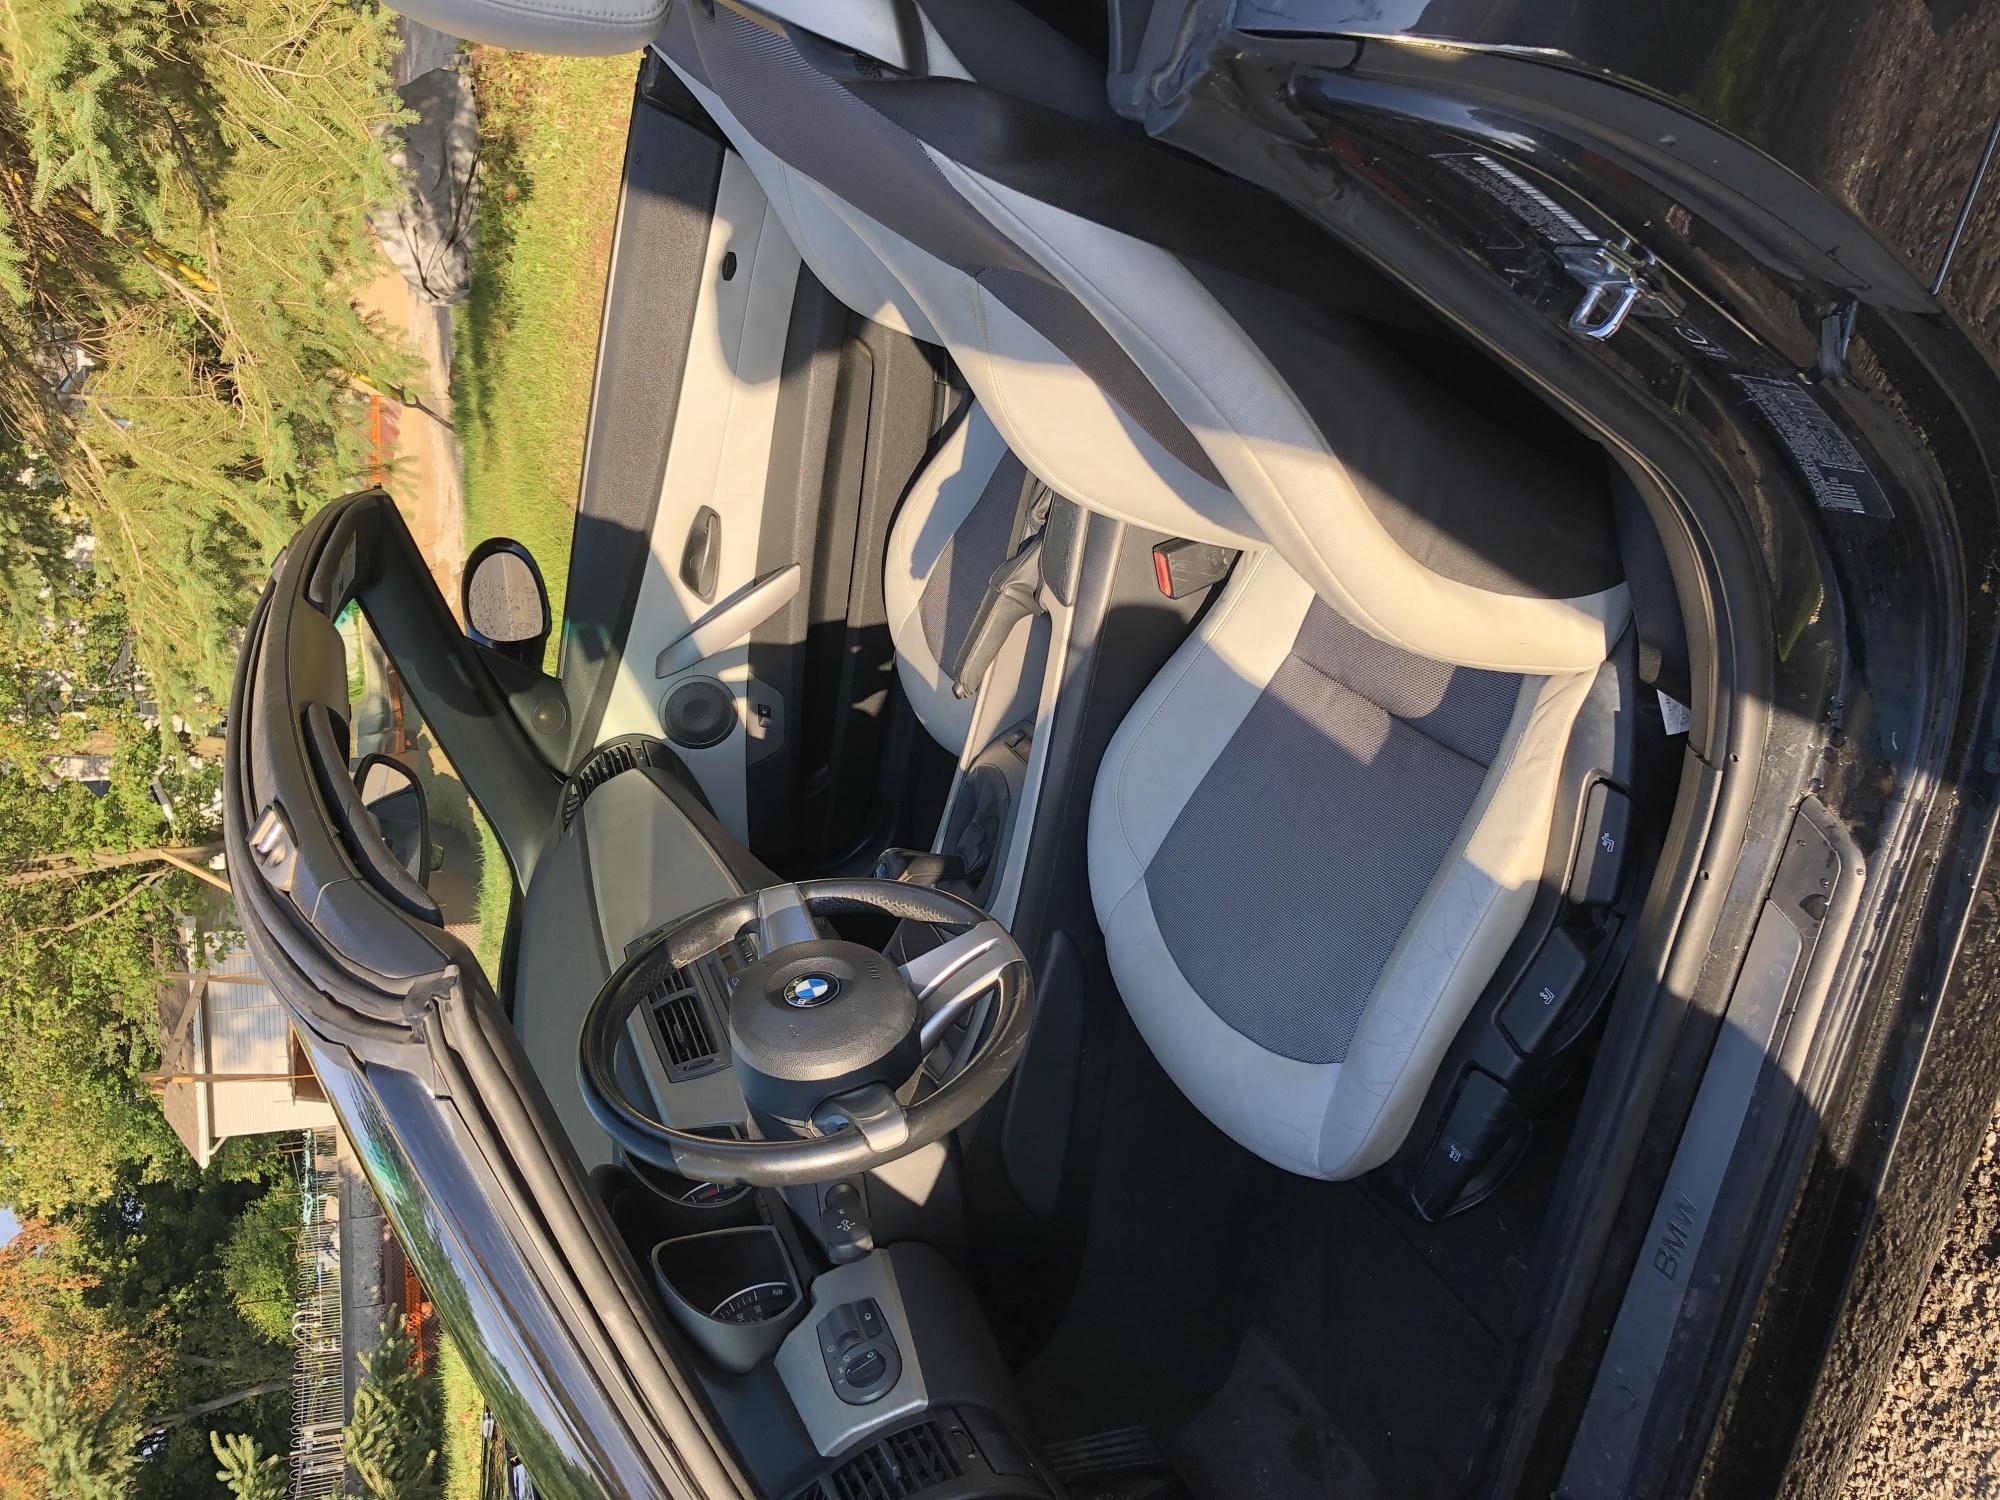 BMW Z4 - Photo 19-09-09 17 44 51